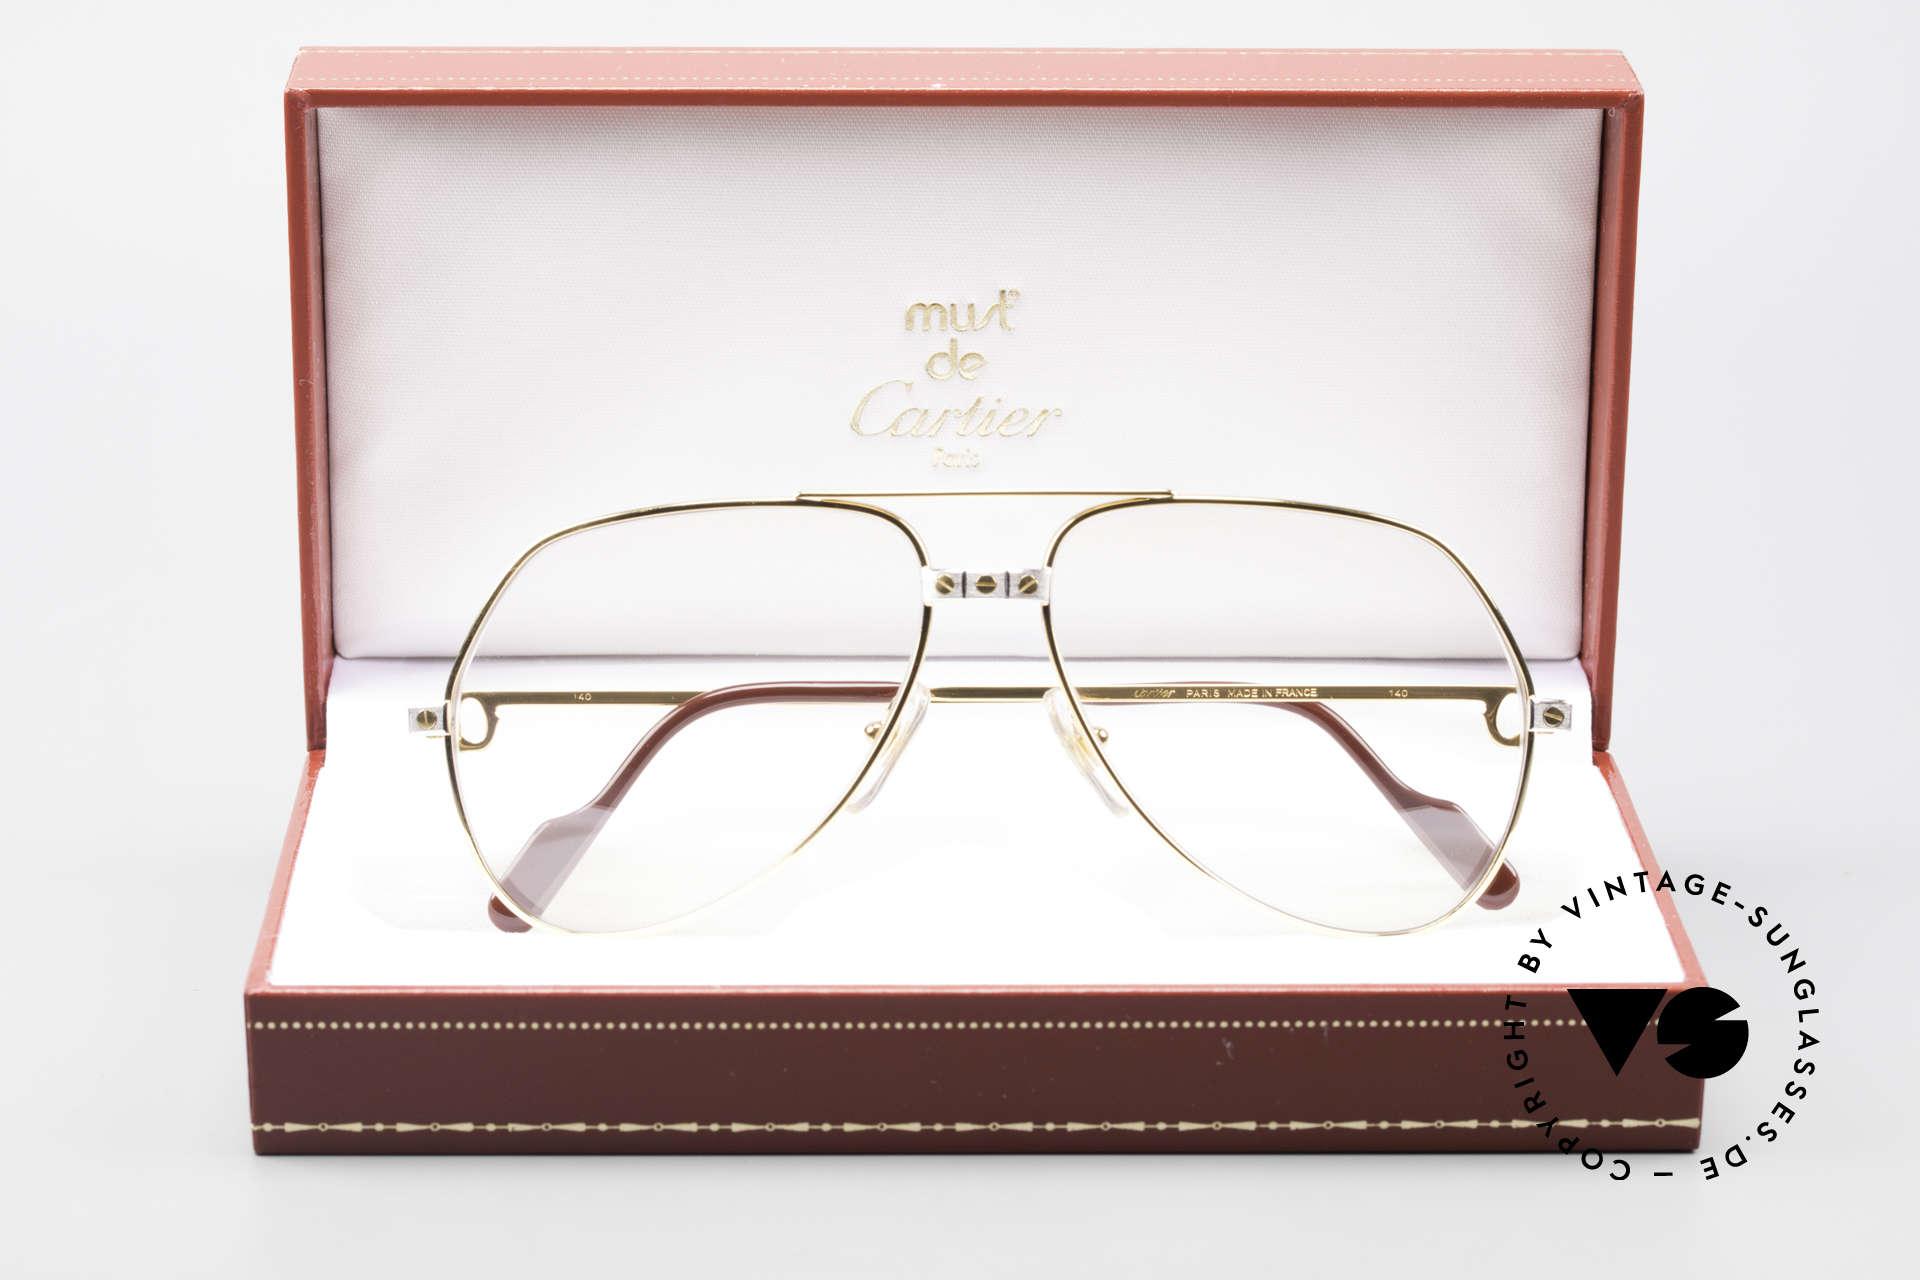 Cartier Vendome Santos - M Automatik Cartier Gläser, KEINE Retrobrille, sondern ein altes vintage ORIGINAL!, Passend für Herren